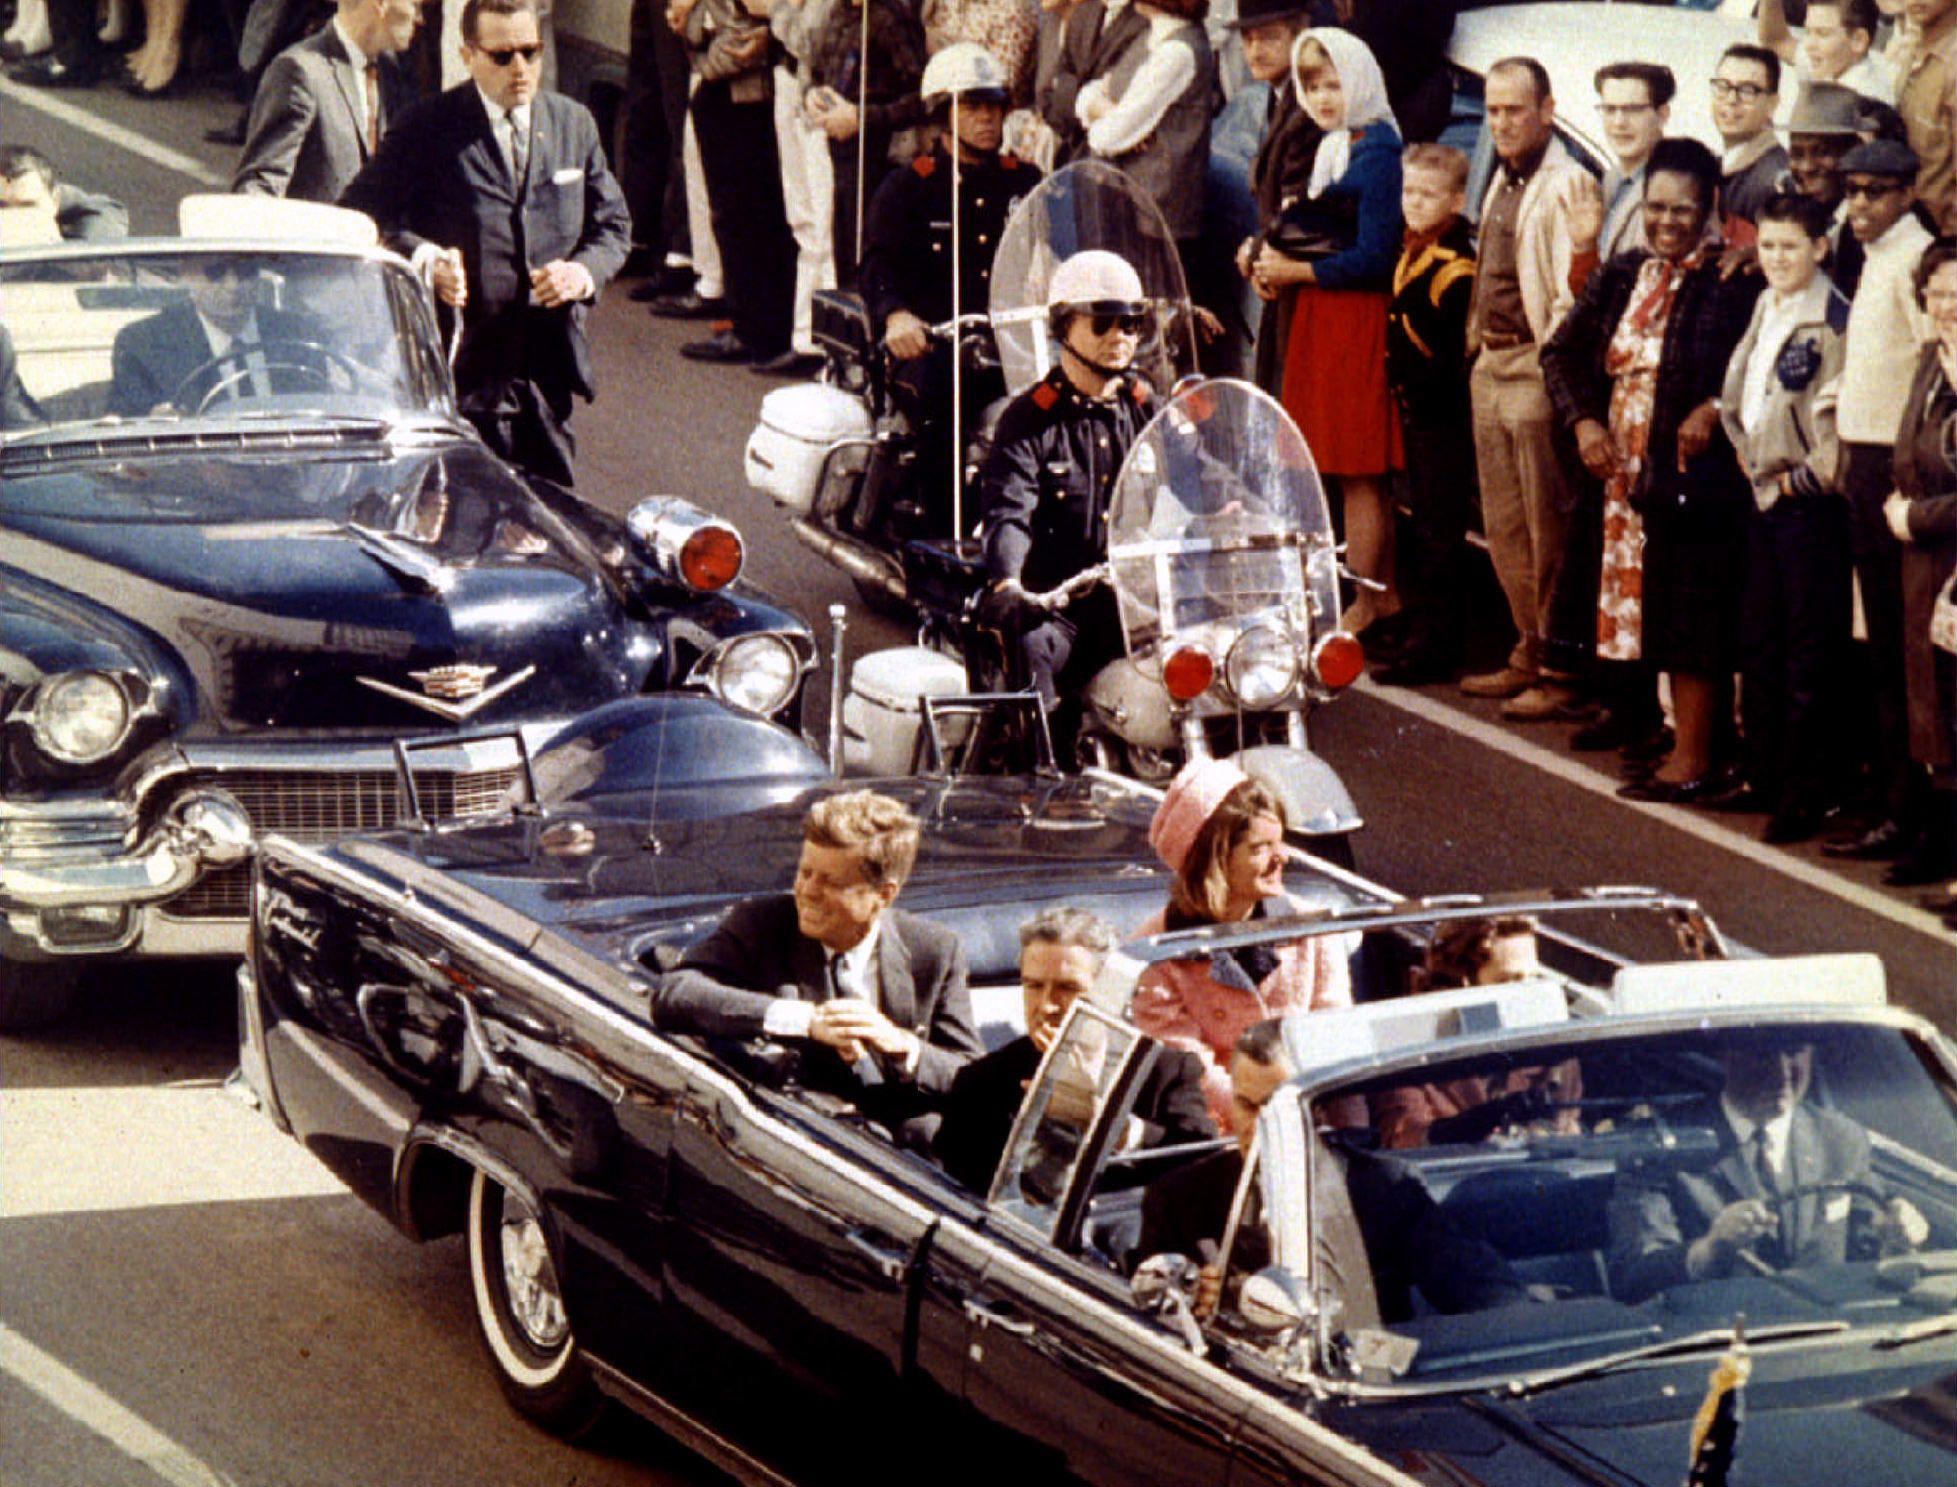 Le 22 novembre 1963, le président américain John Kennedy était assassiné à Dallas.